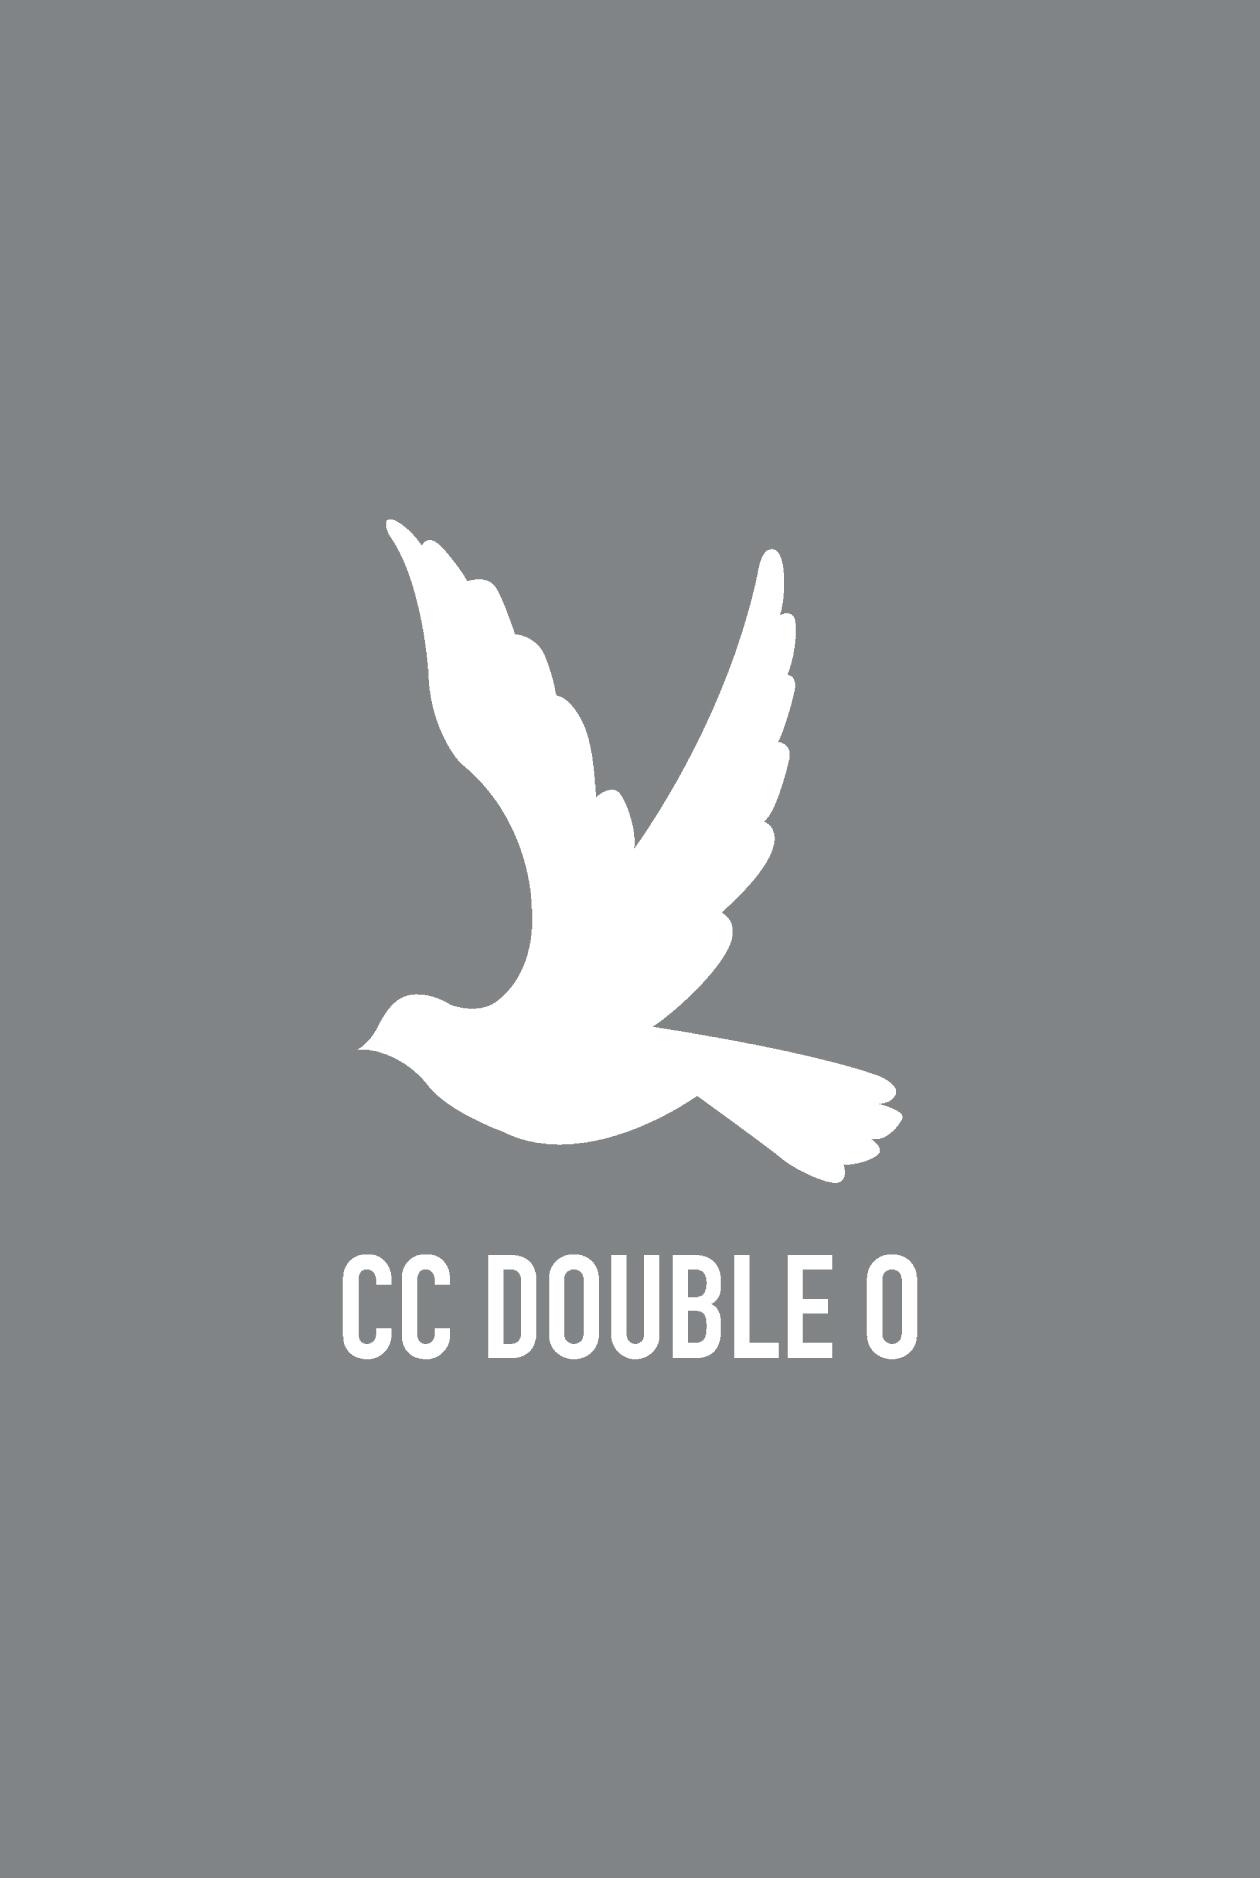 เสื้อแจ็คเก็ตซิป CC DOUBLE O แต่งแถบสี